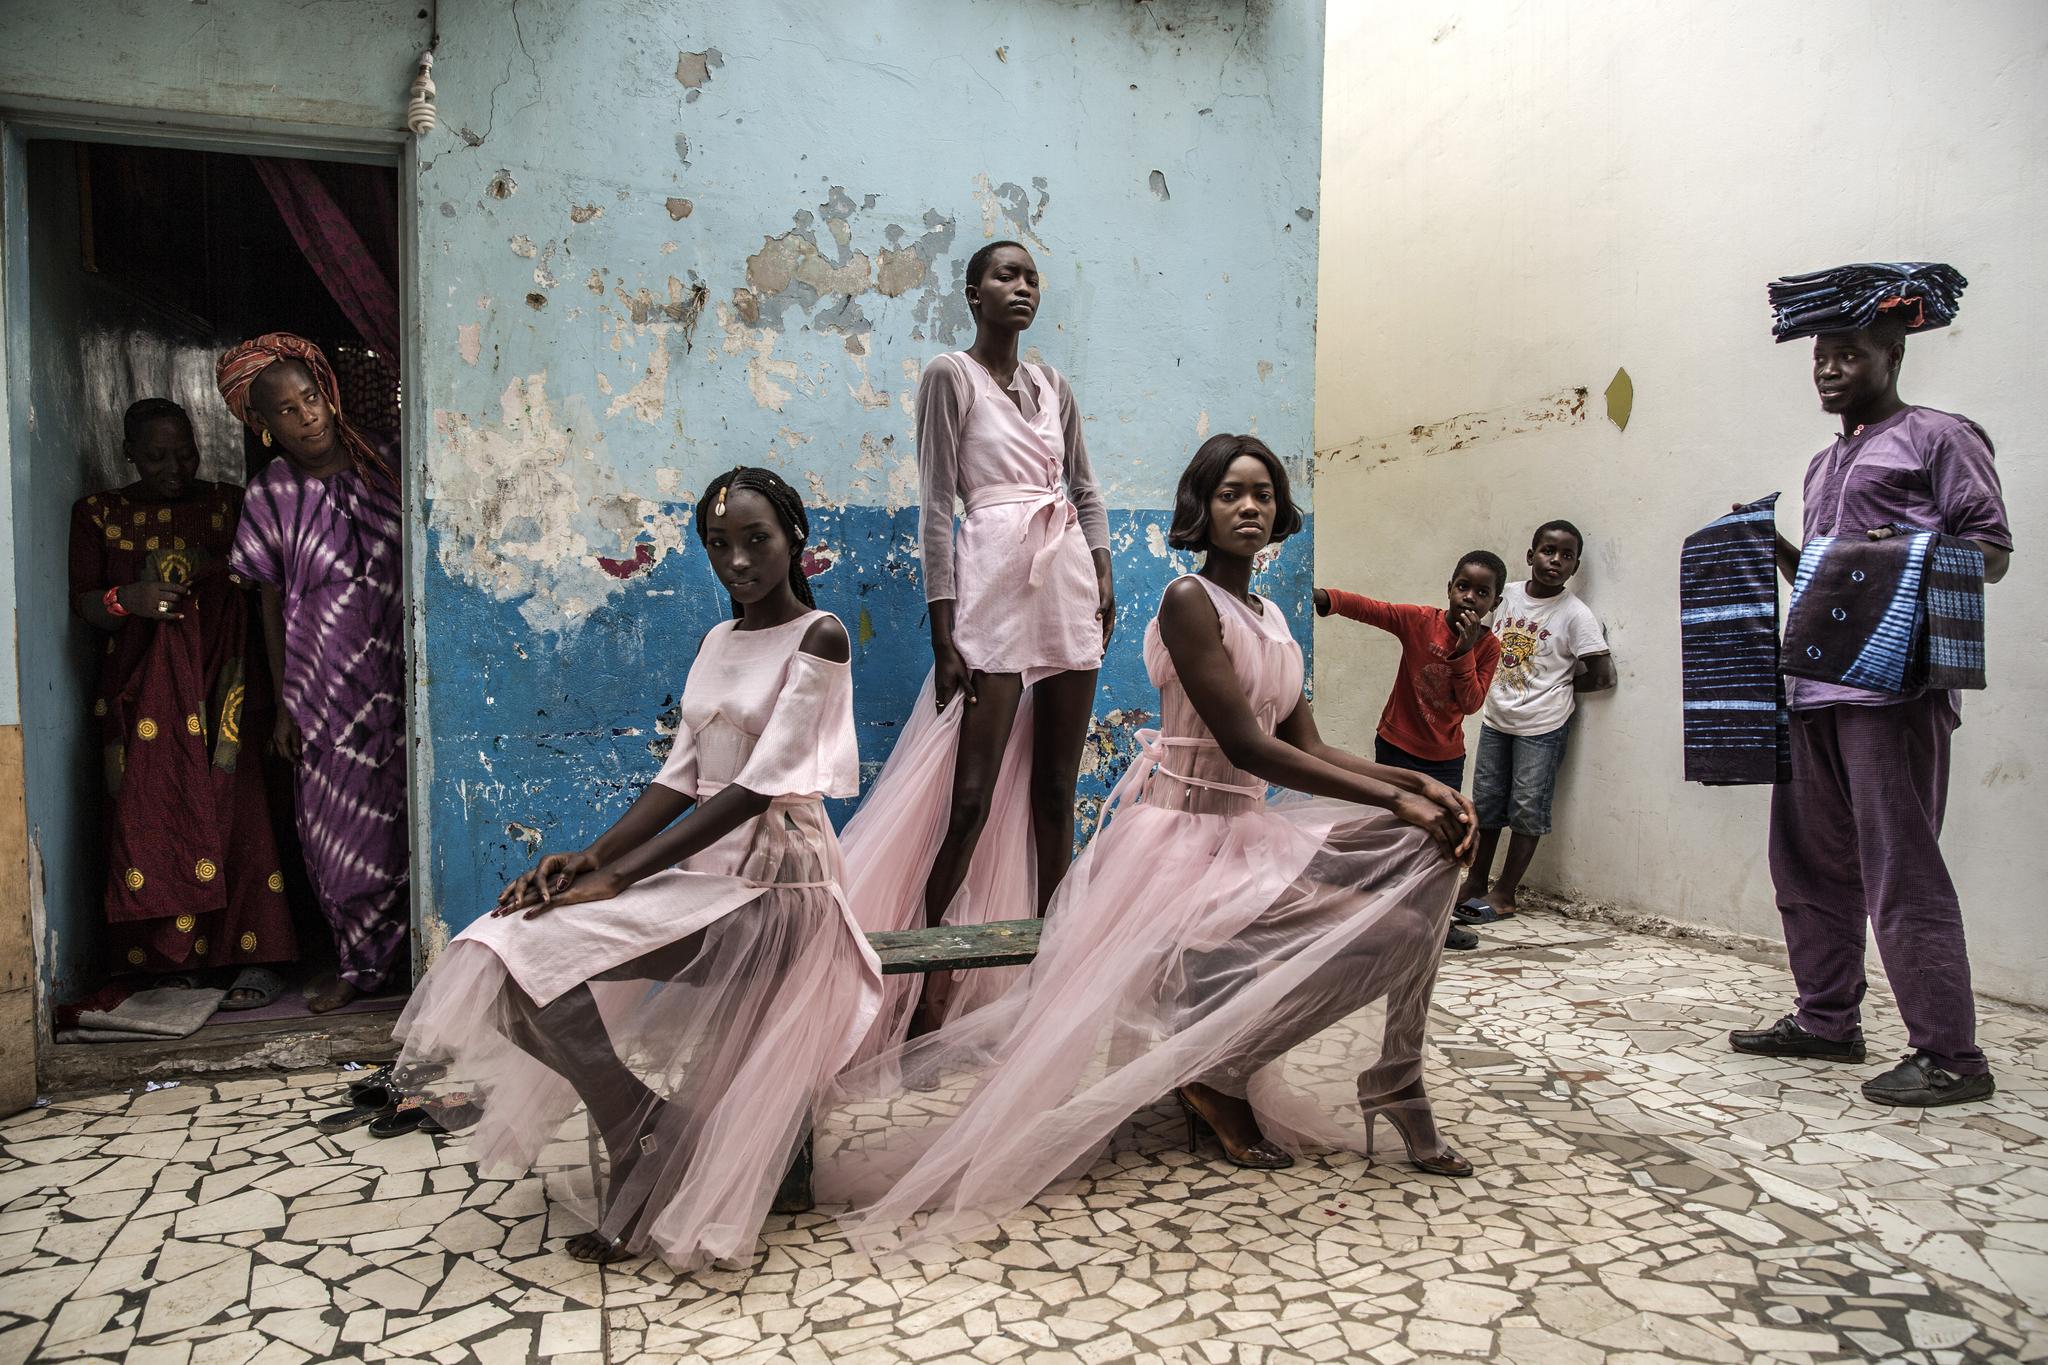 모델들이 세네갈 수도 다카르 도심에서 화보촬영을 하고 있다. 다카르는 아프리카에서 가장 주목받는 패션허브다. 매년 열리는 '다카르 패션 위크'는 도심 곳곳에서 개최돼 주민들의 관심을 끈다.[AP=연합뉴스]